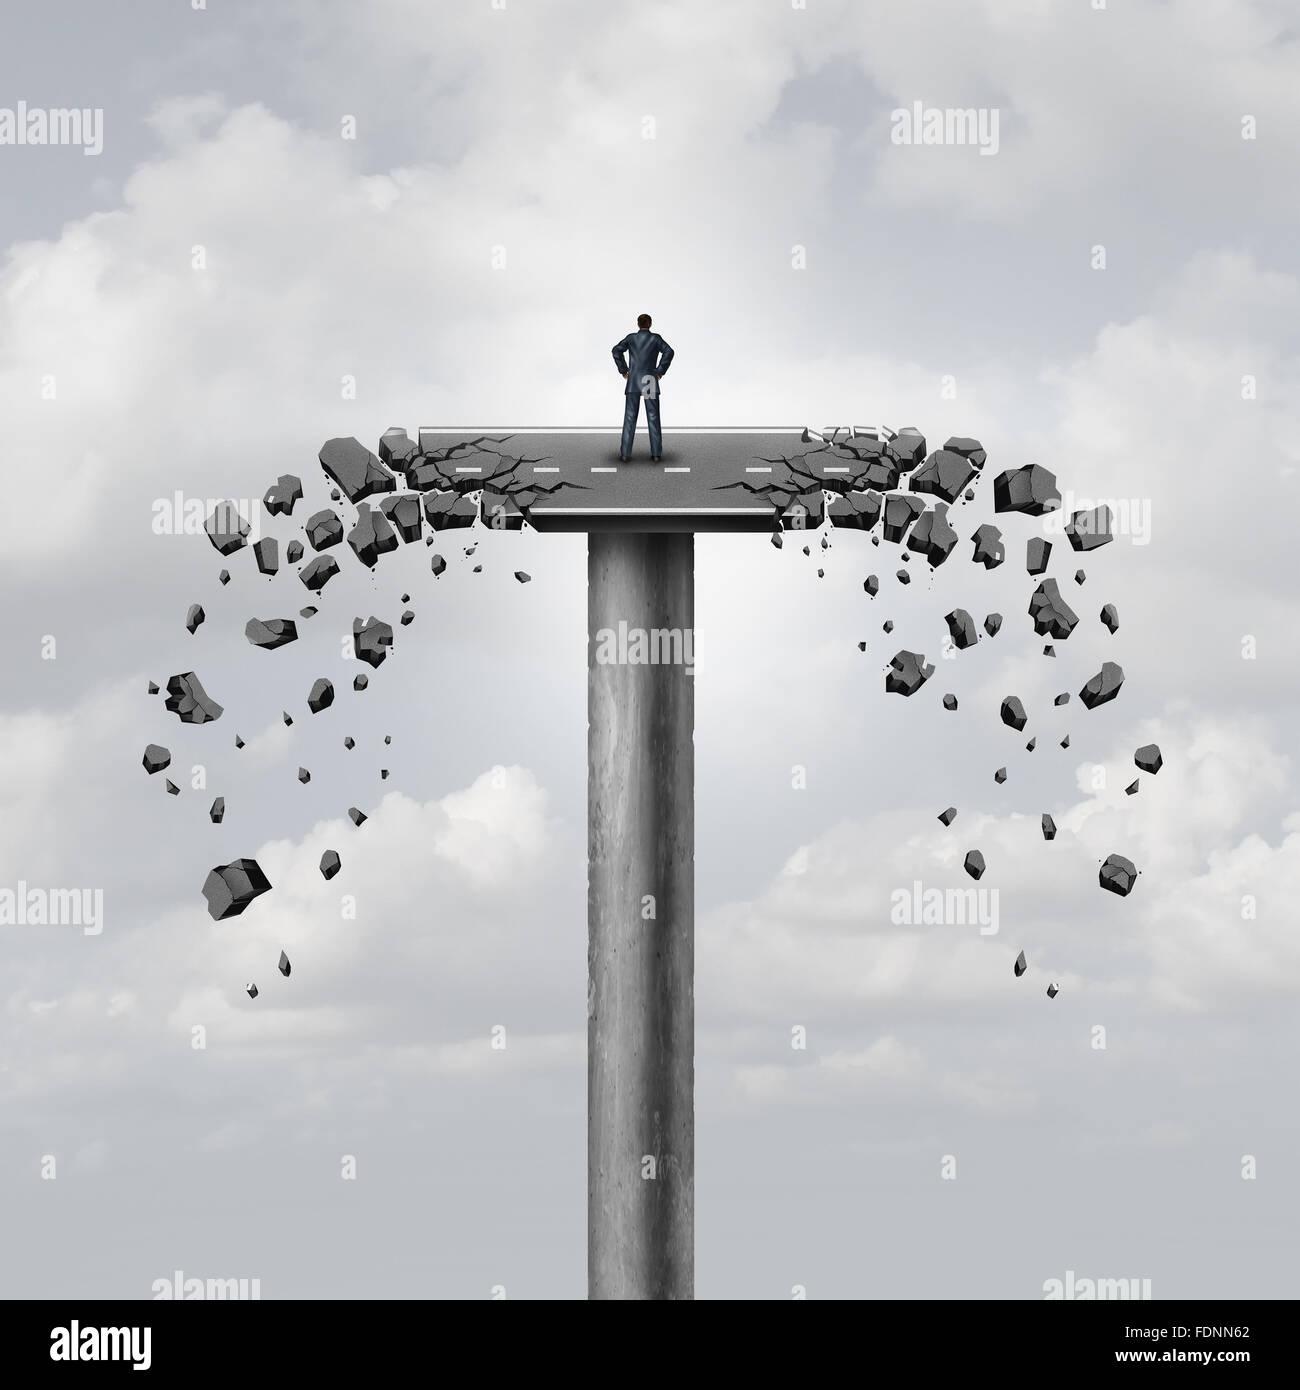 Verbindung oder Geschäftskonzept und brechen Beziehungen als eine Straße auf einer Brücke brechen Stockbild